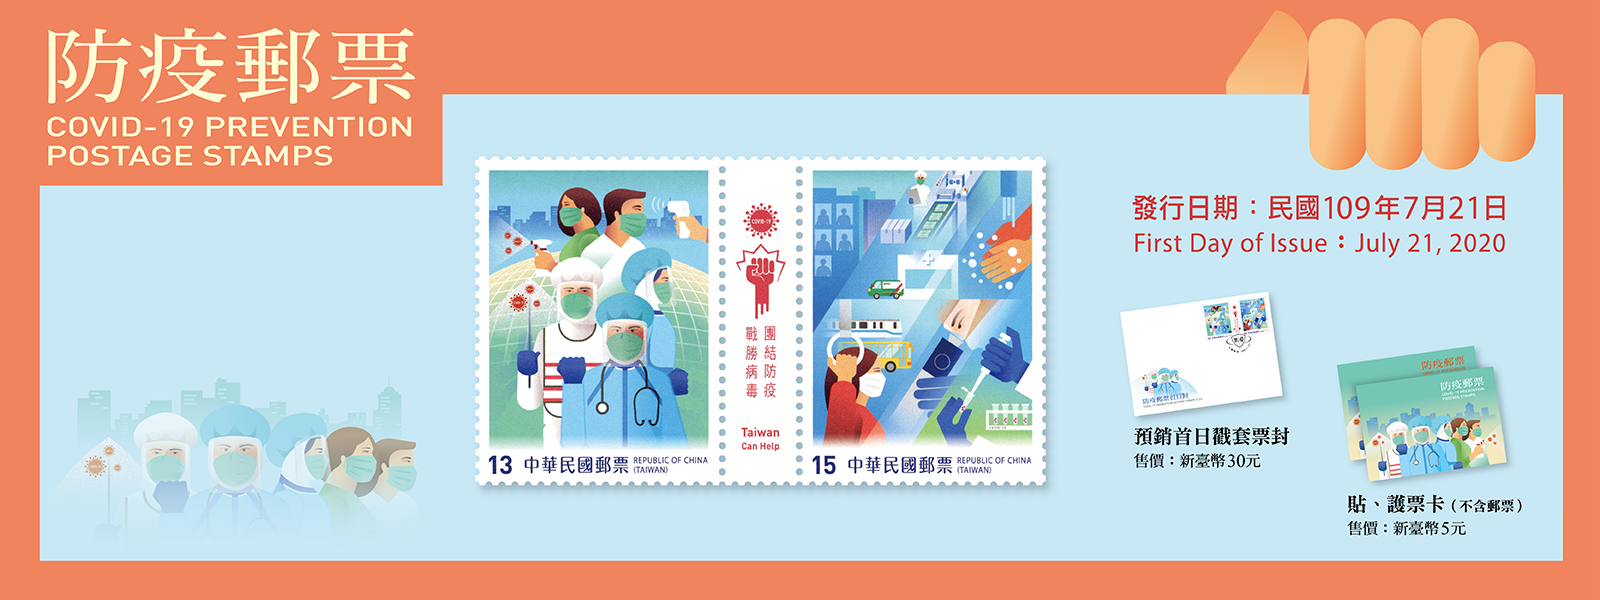 廣告連結:特694 防疫郵票